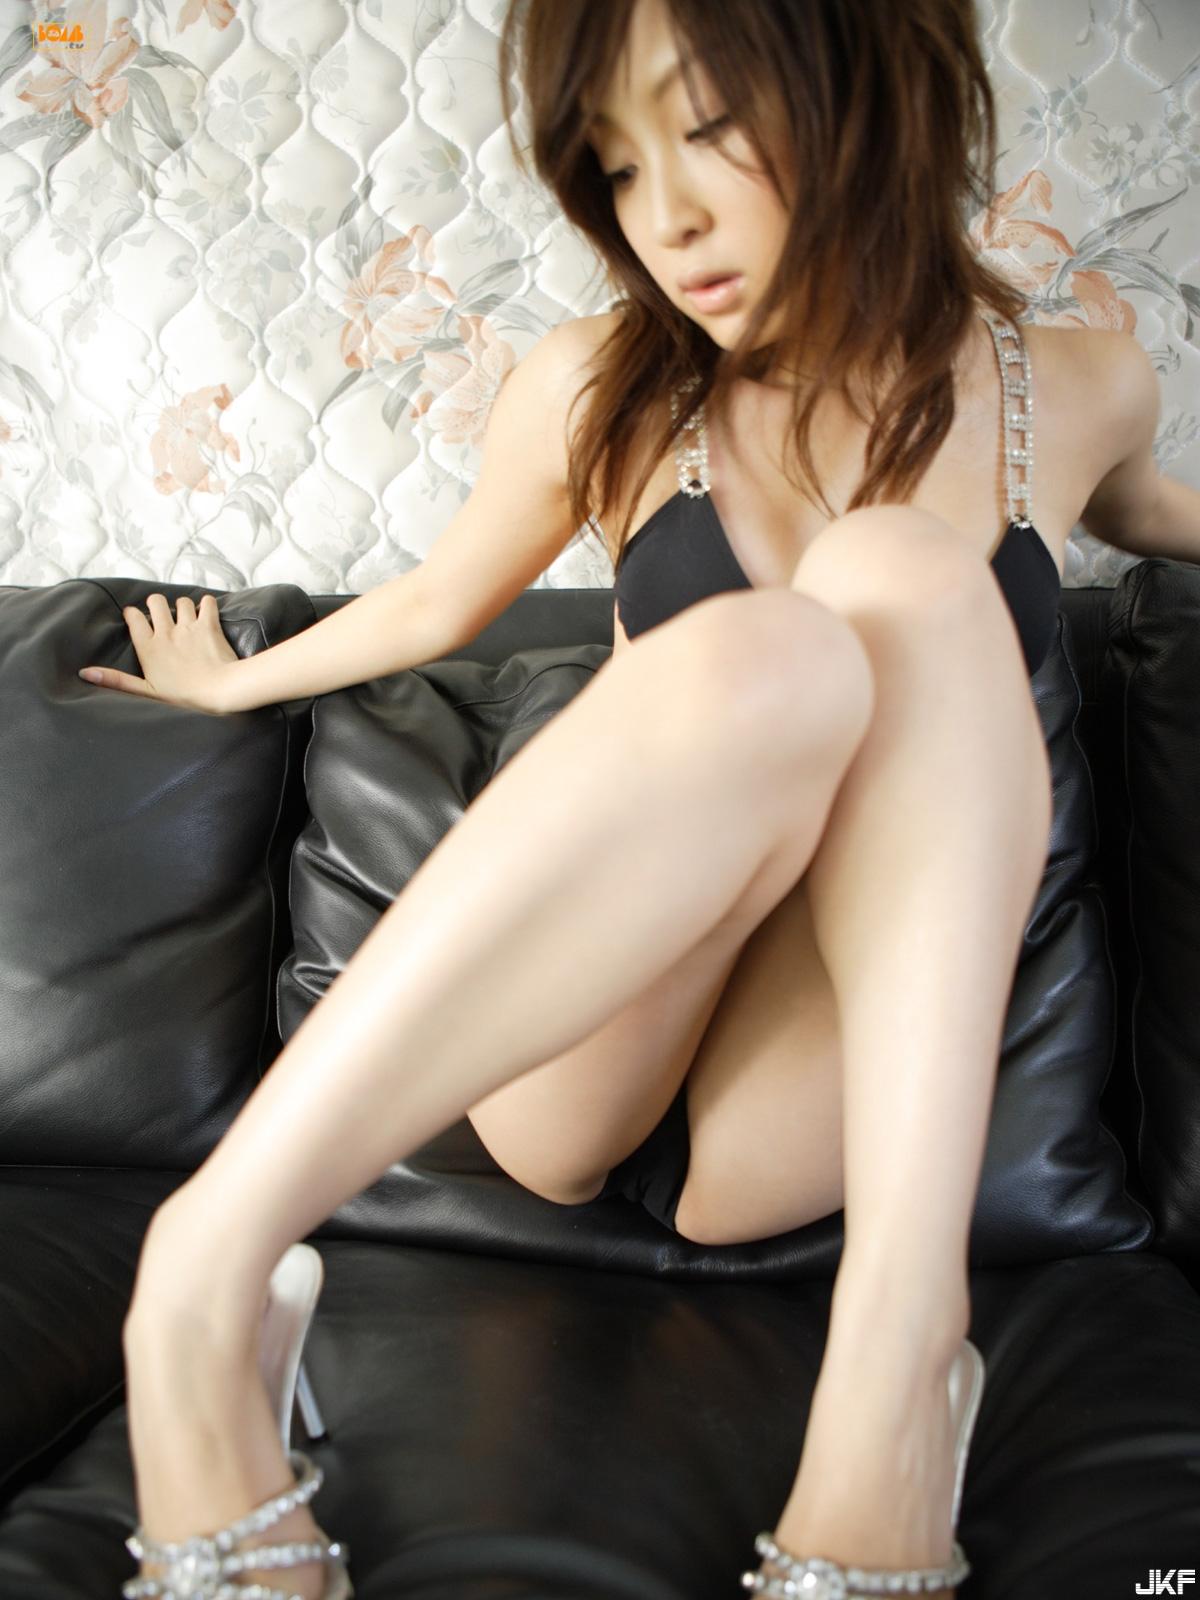 tatsumi-natsuko-589114.jpg